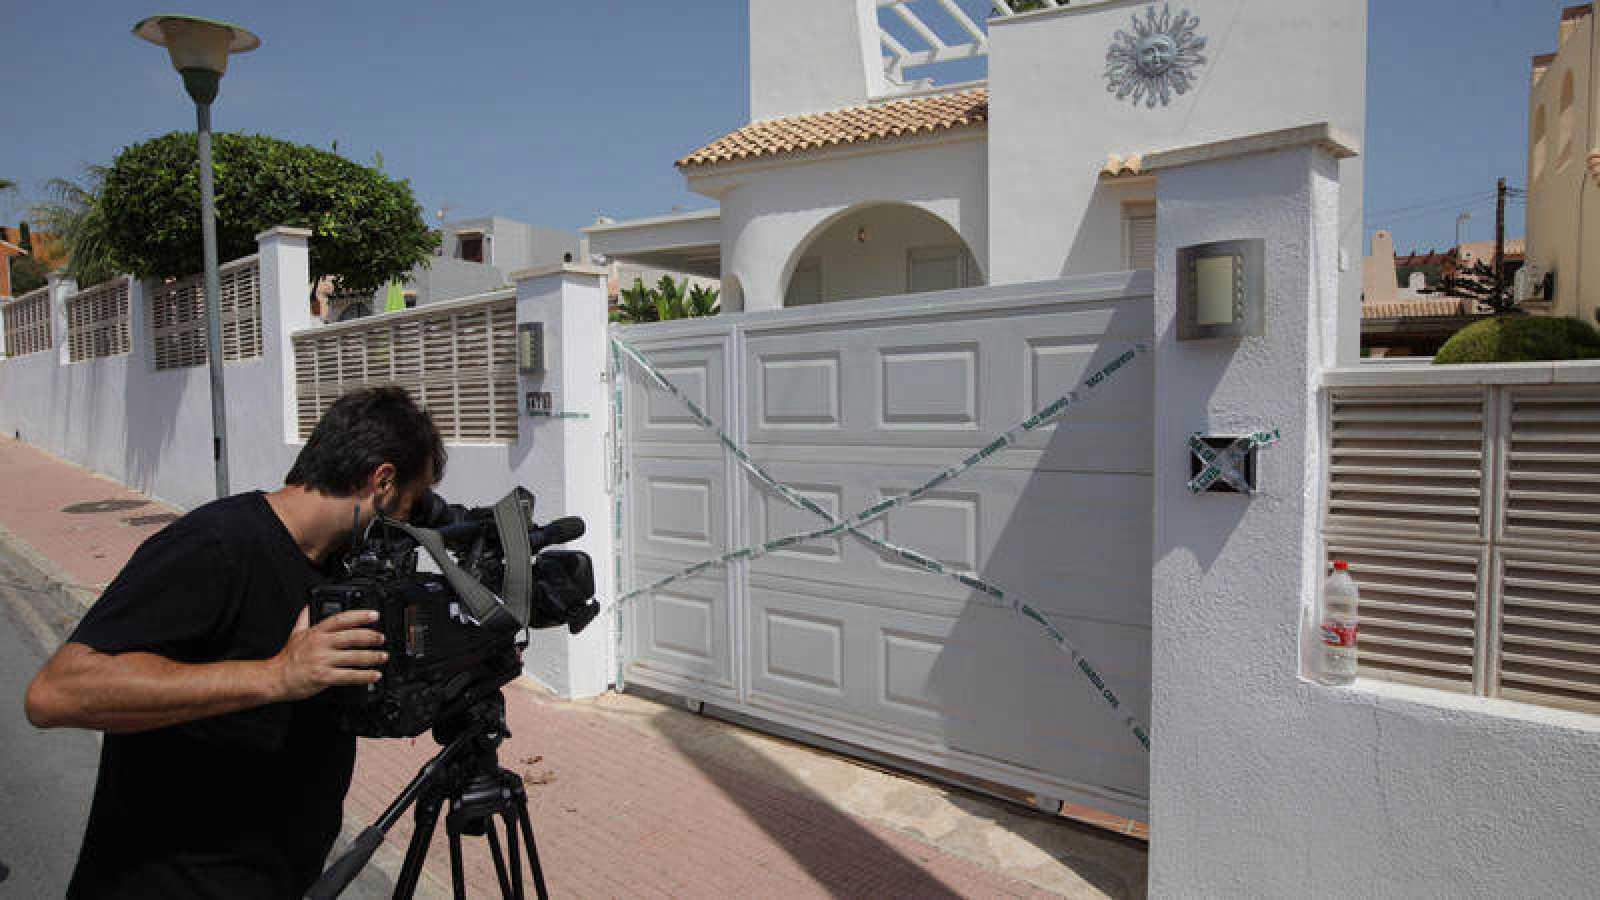 La vivienda de la urbanización Vallesa en Calpe Alicante en la que una mujer de 57 años ha sido asesinada presuntamente por su pareja